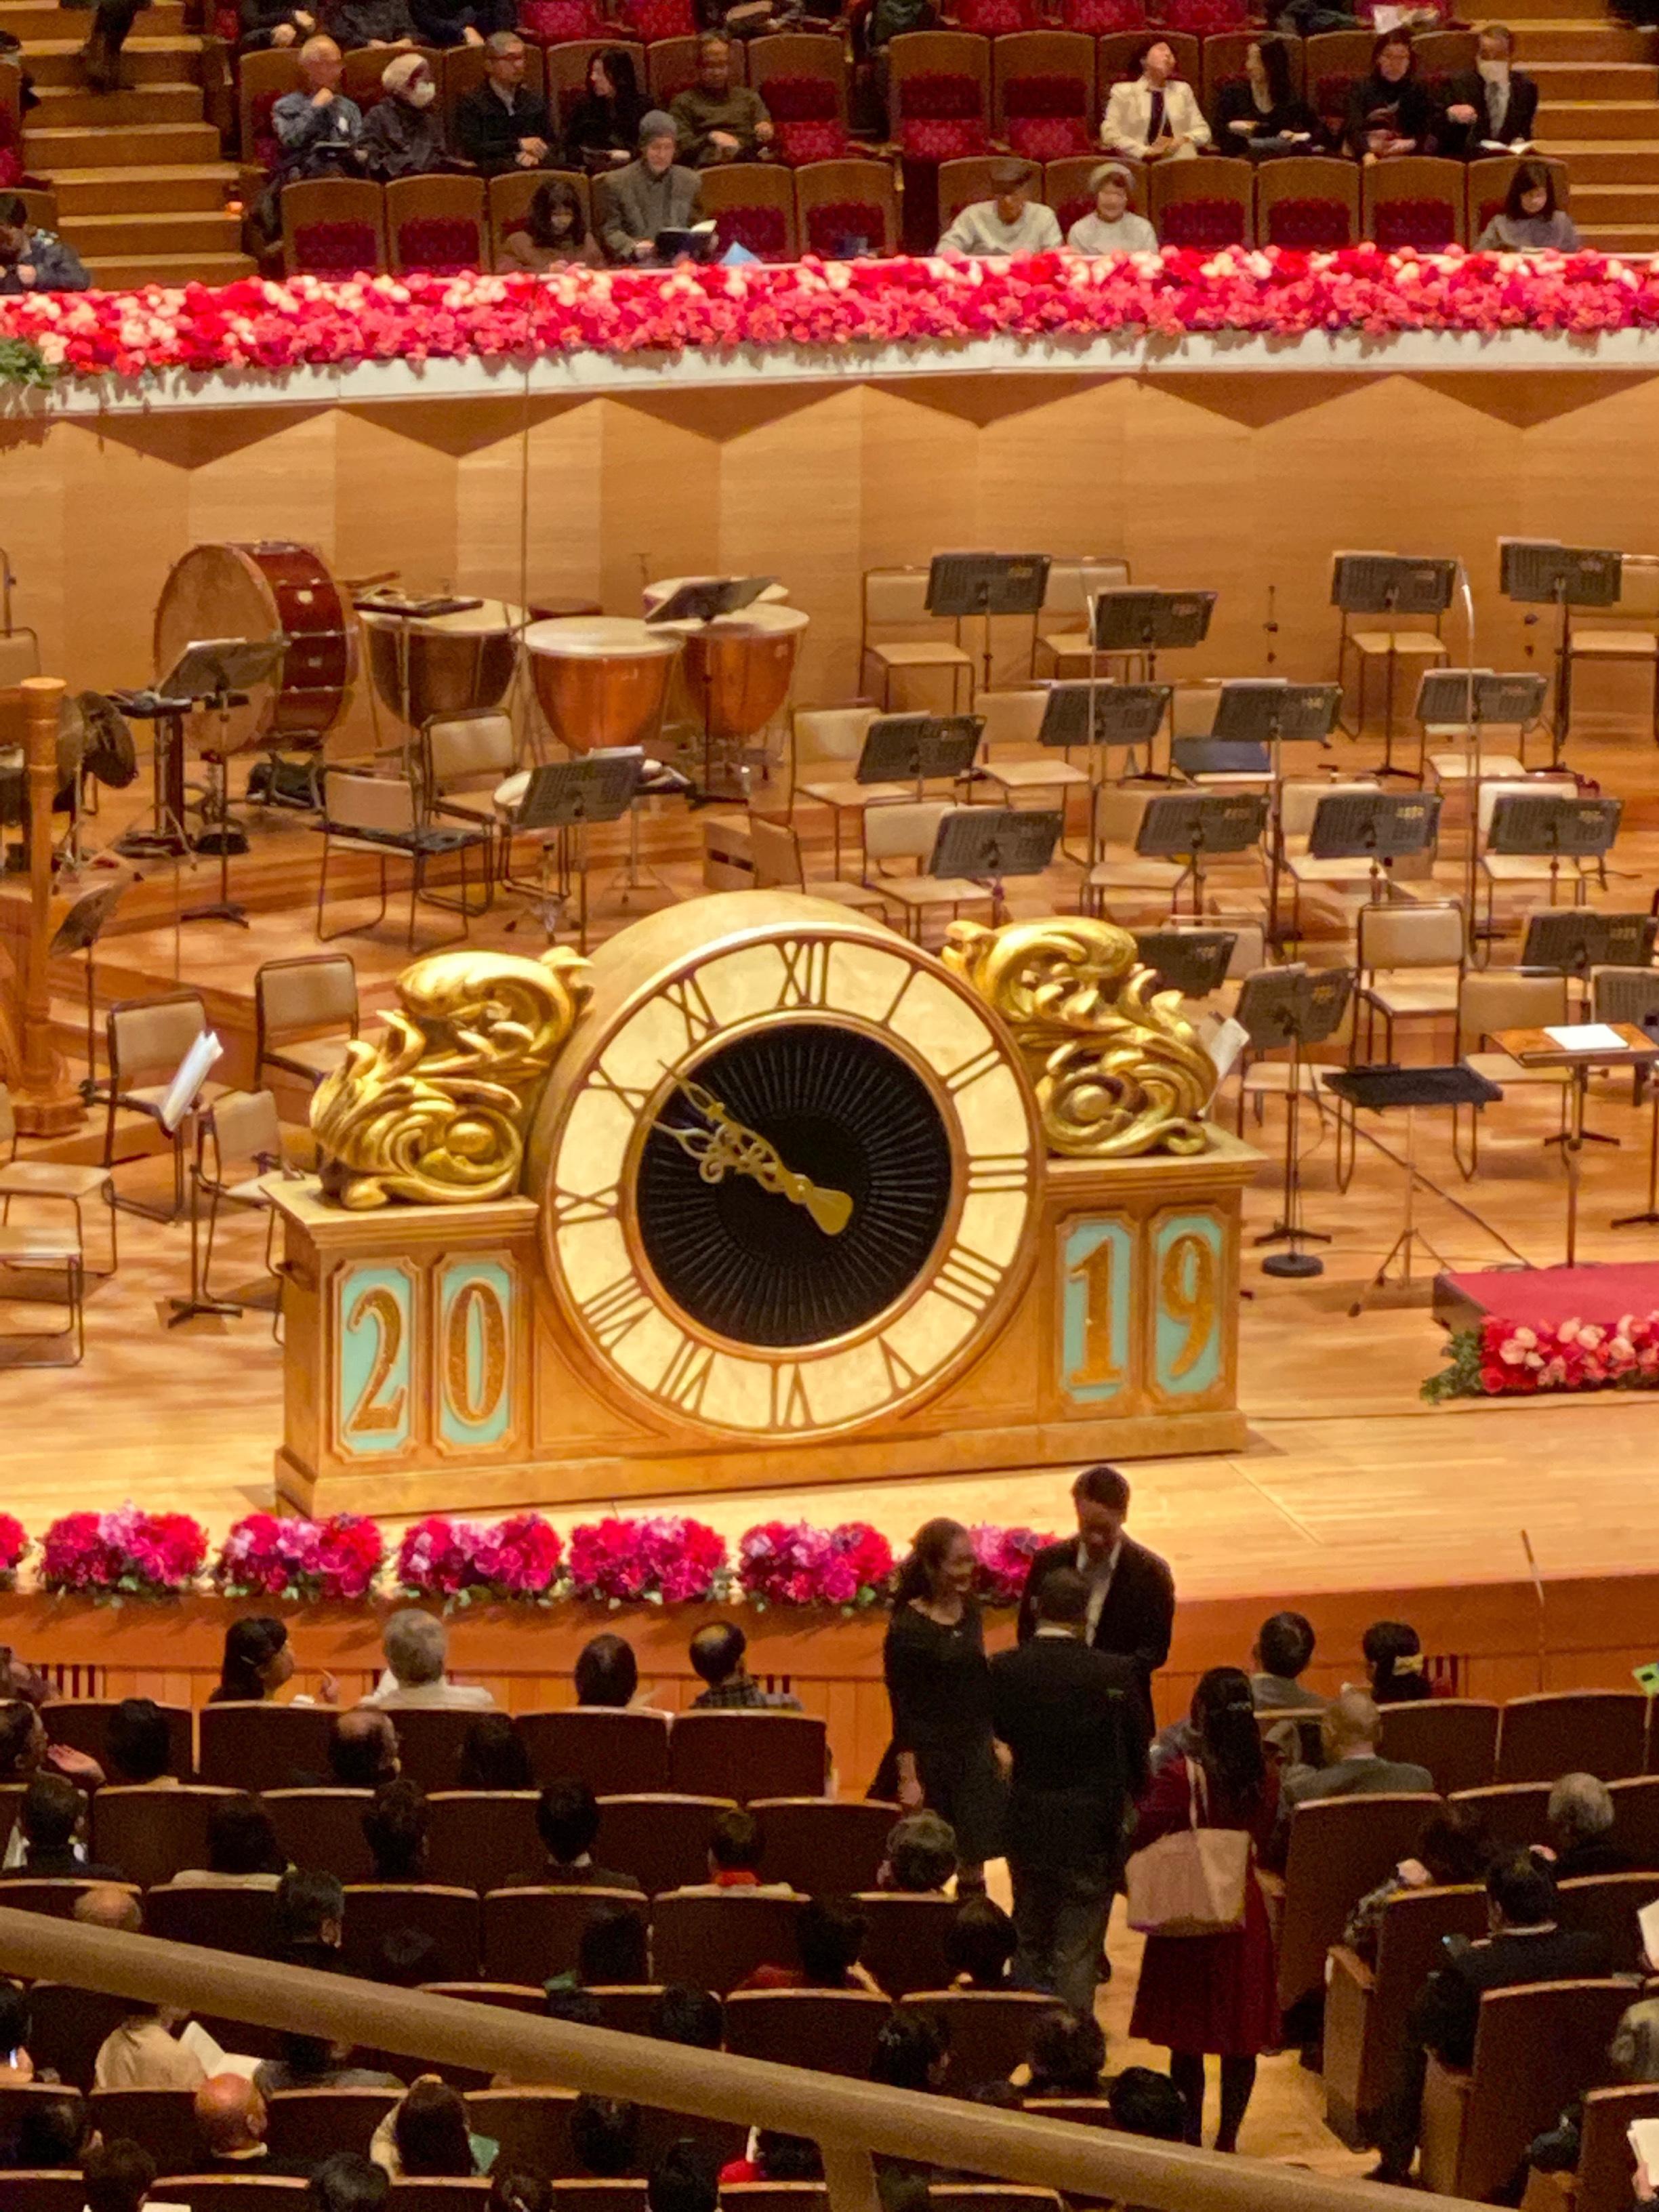 年越しのコンサート、ジルヴェスターコンサート2019-2020行ってきました。そのまま明治神宮の初詣に@サントリーホール